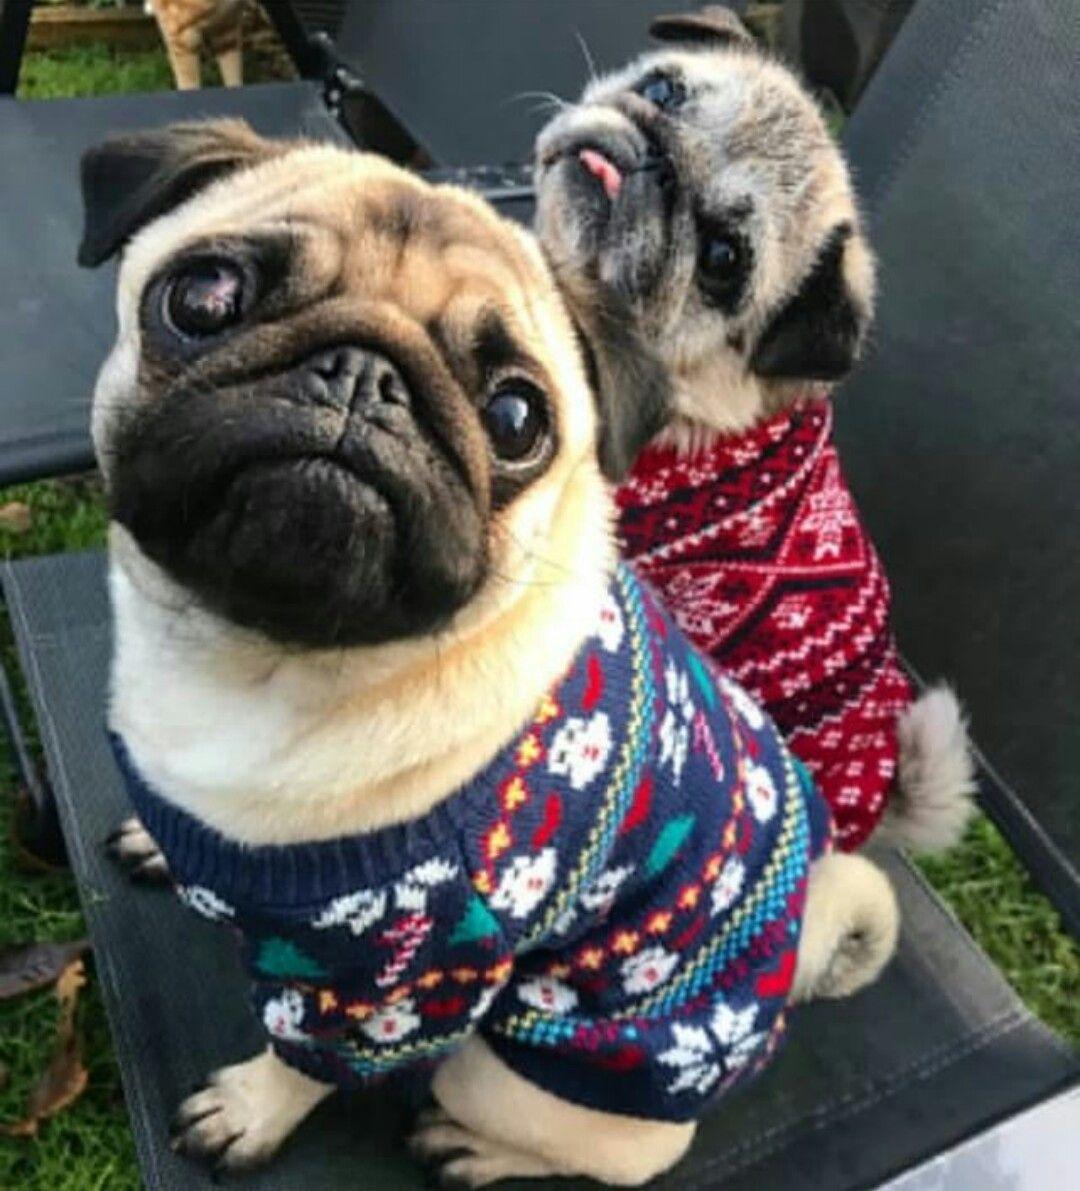 Fuzzy Pug Love Cute Pugs Pugs Funny Pugs